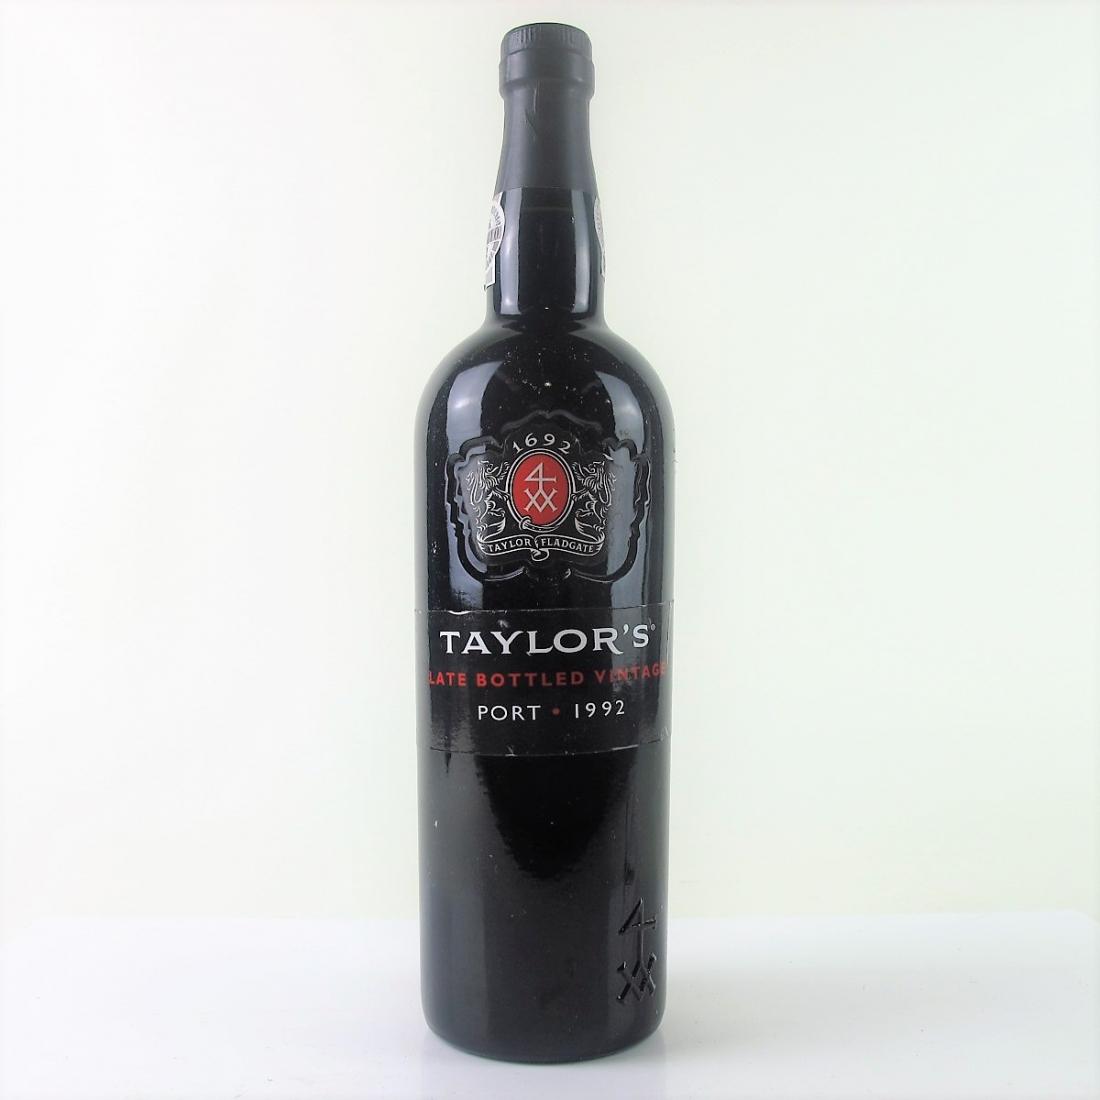 Taylor's 1992 LBV Port